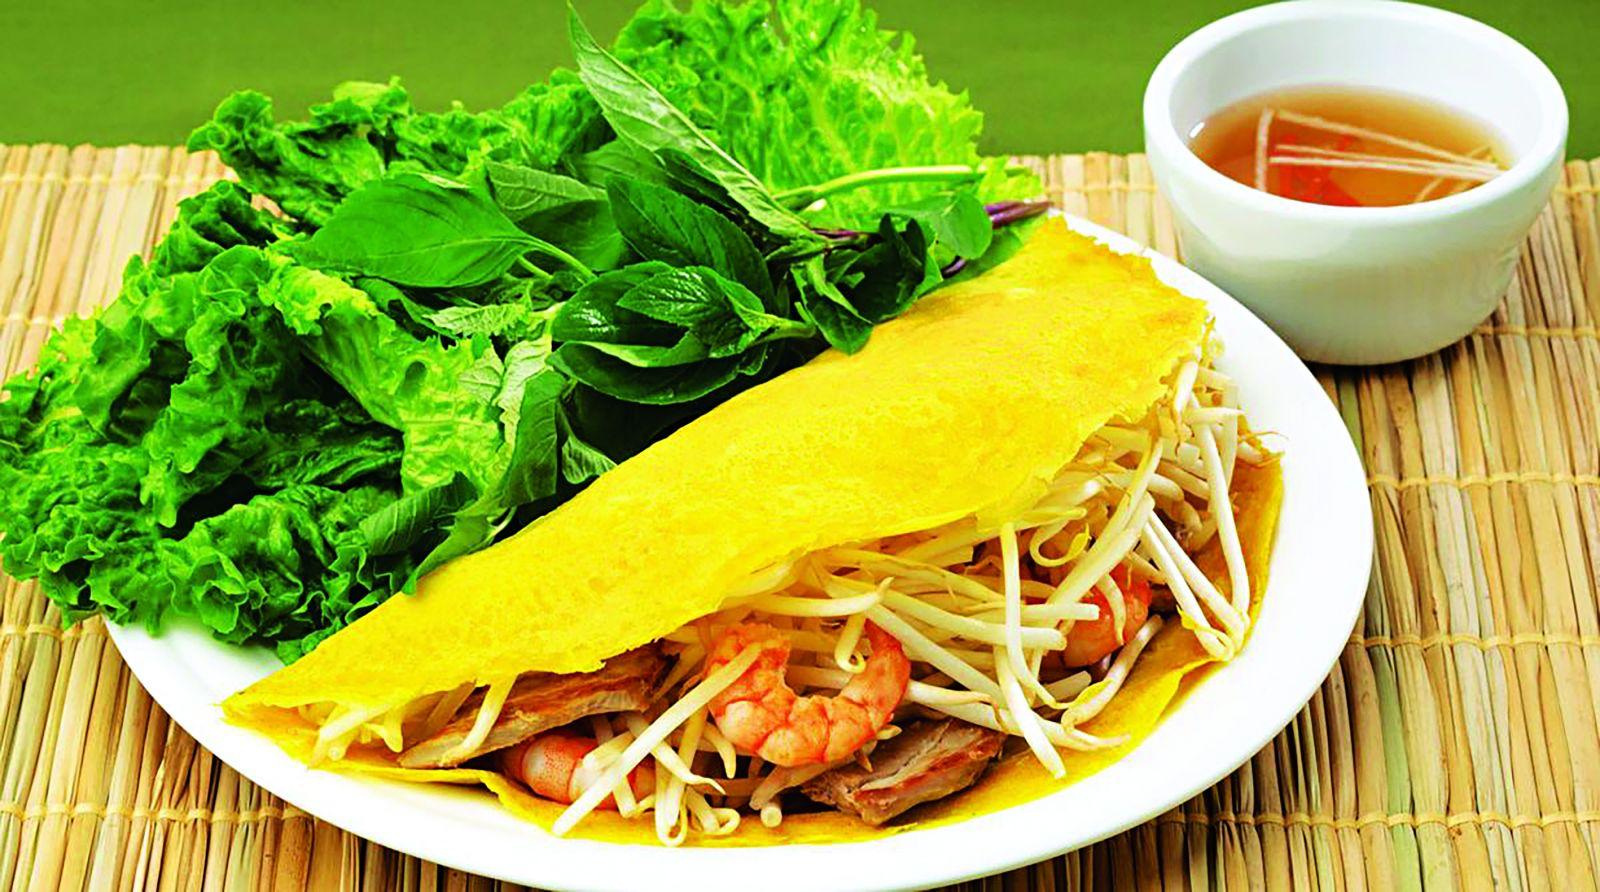 Các món ăn dân dã cho bữa cơm gia đình ngày mưa thêm đầm ấm - Ảnh 8